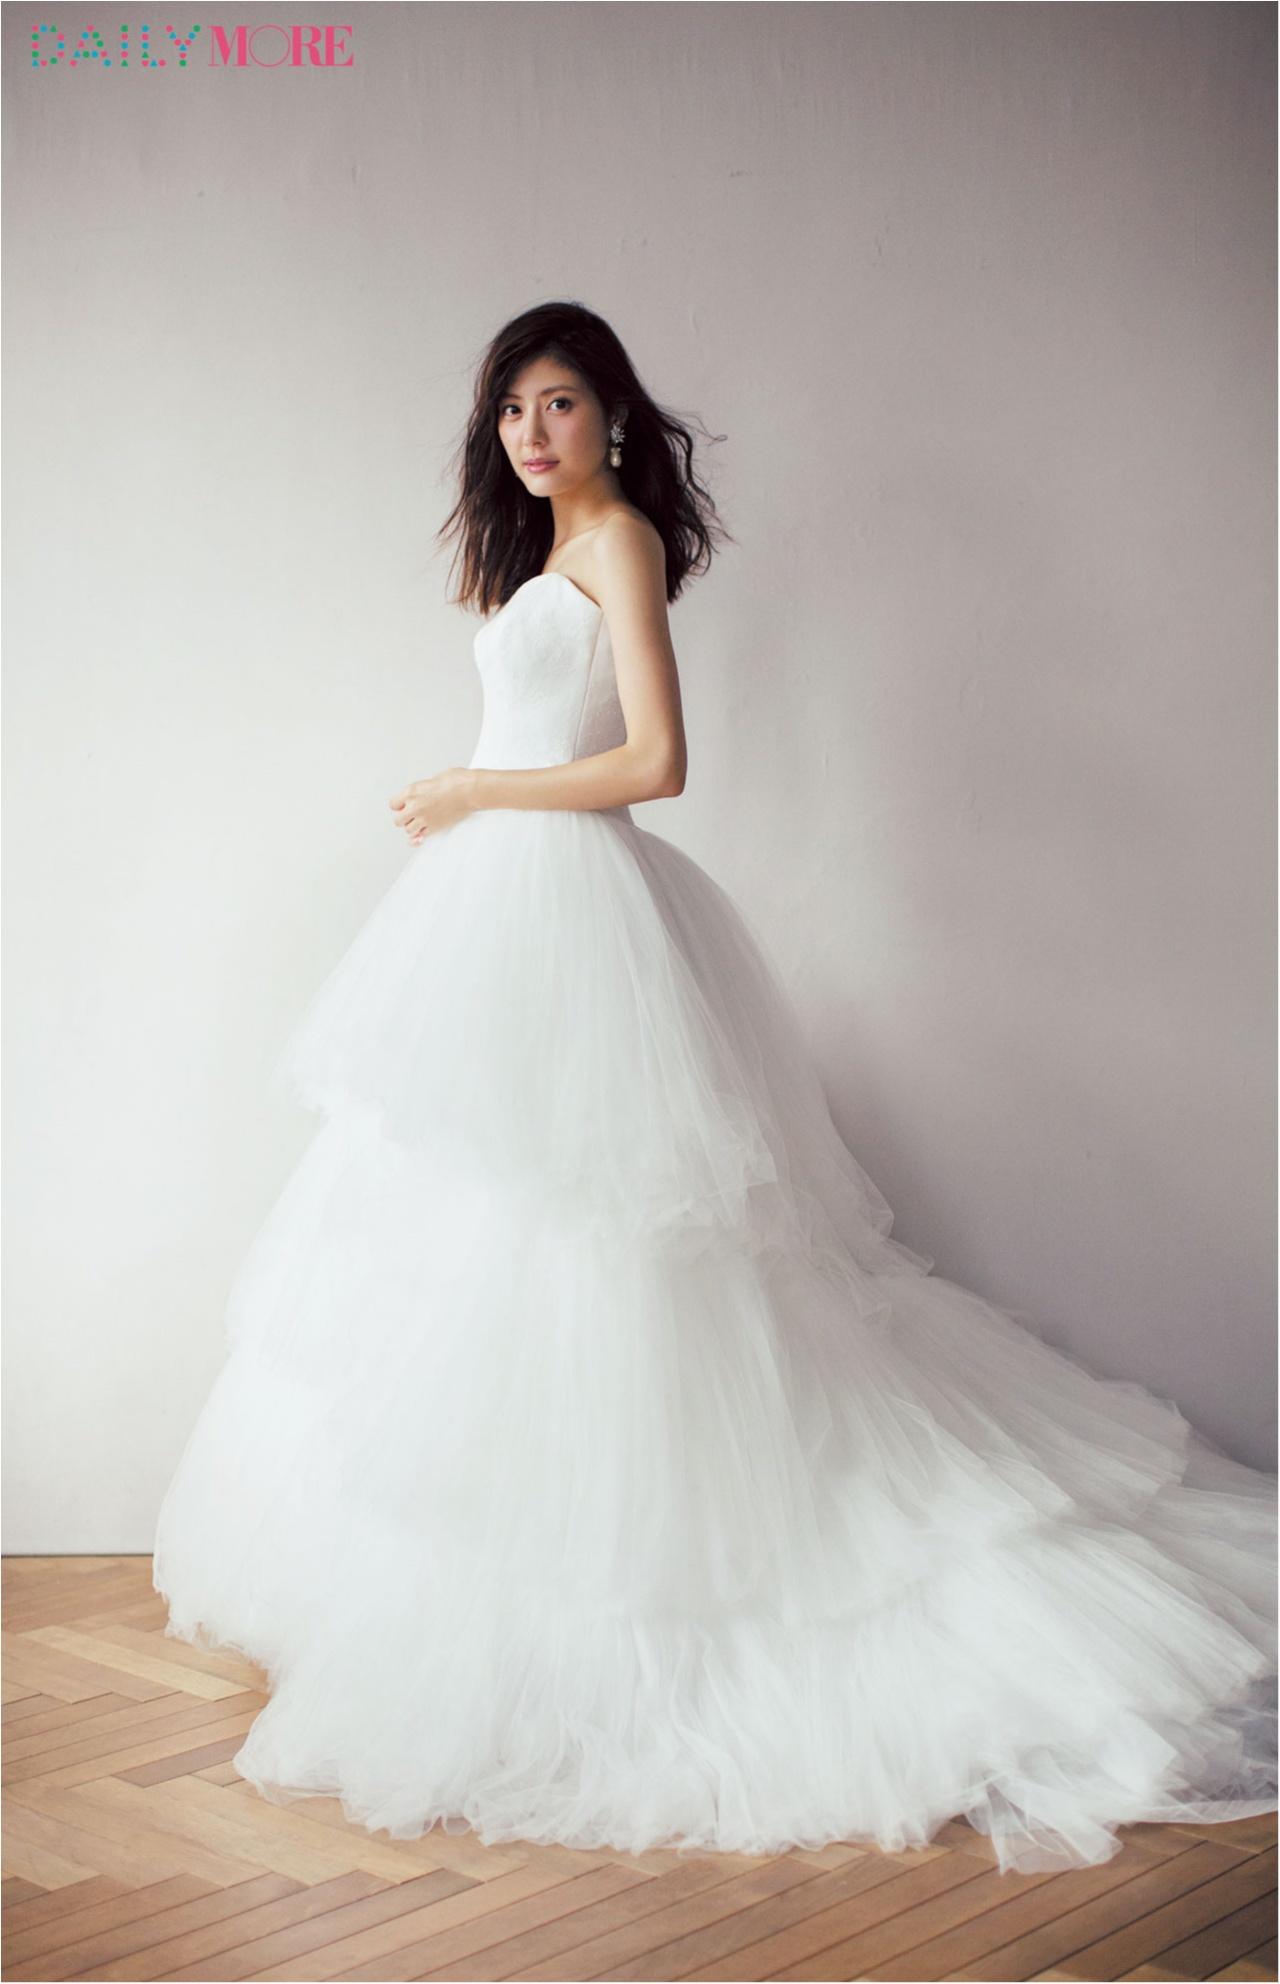 可愛すぎる♡ 佐籐ありさのウェディングドレス選びに密着!_2